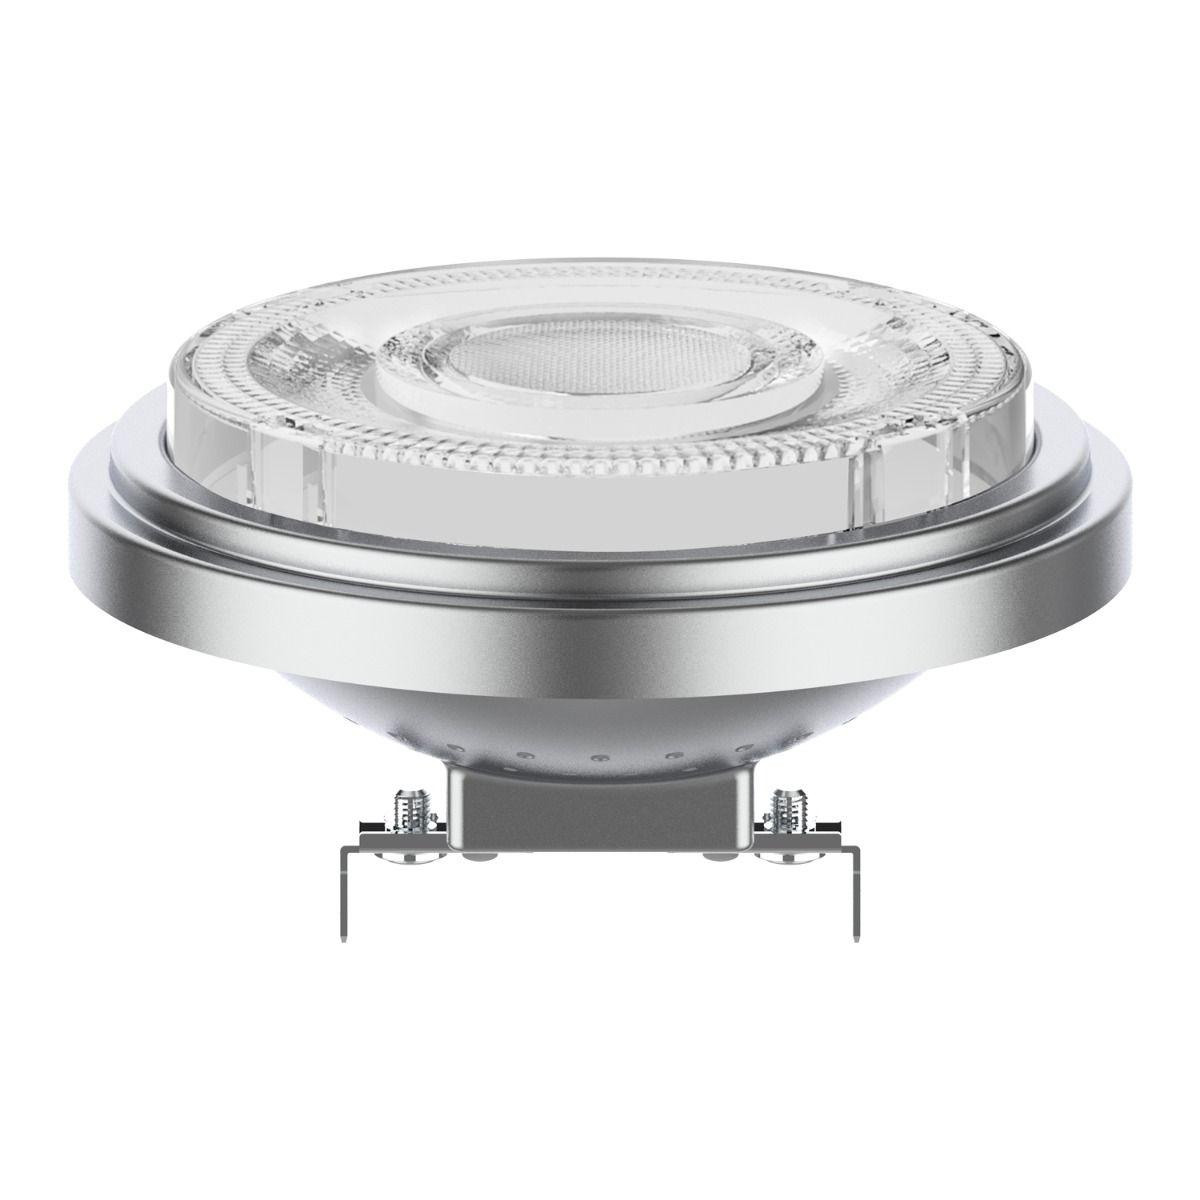 Noxion Lucent Spot LED AR111 G53 12V 11.5W 927 24D   Dimmable - Meilleur rendu des couleurs - Substitut 75W